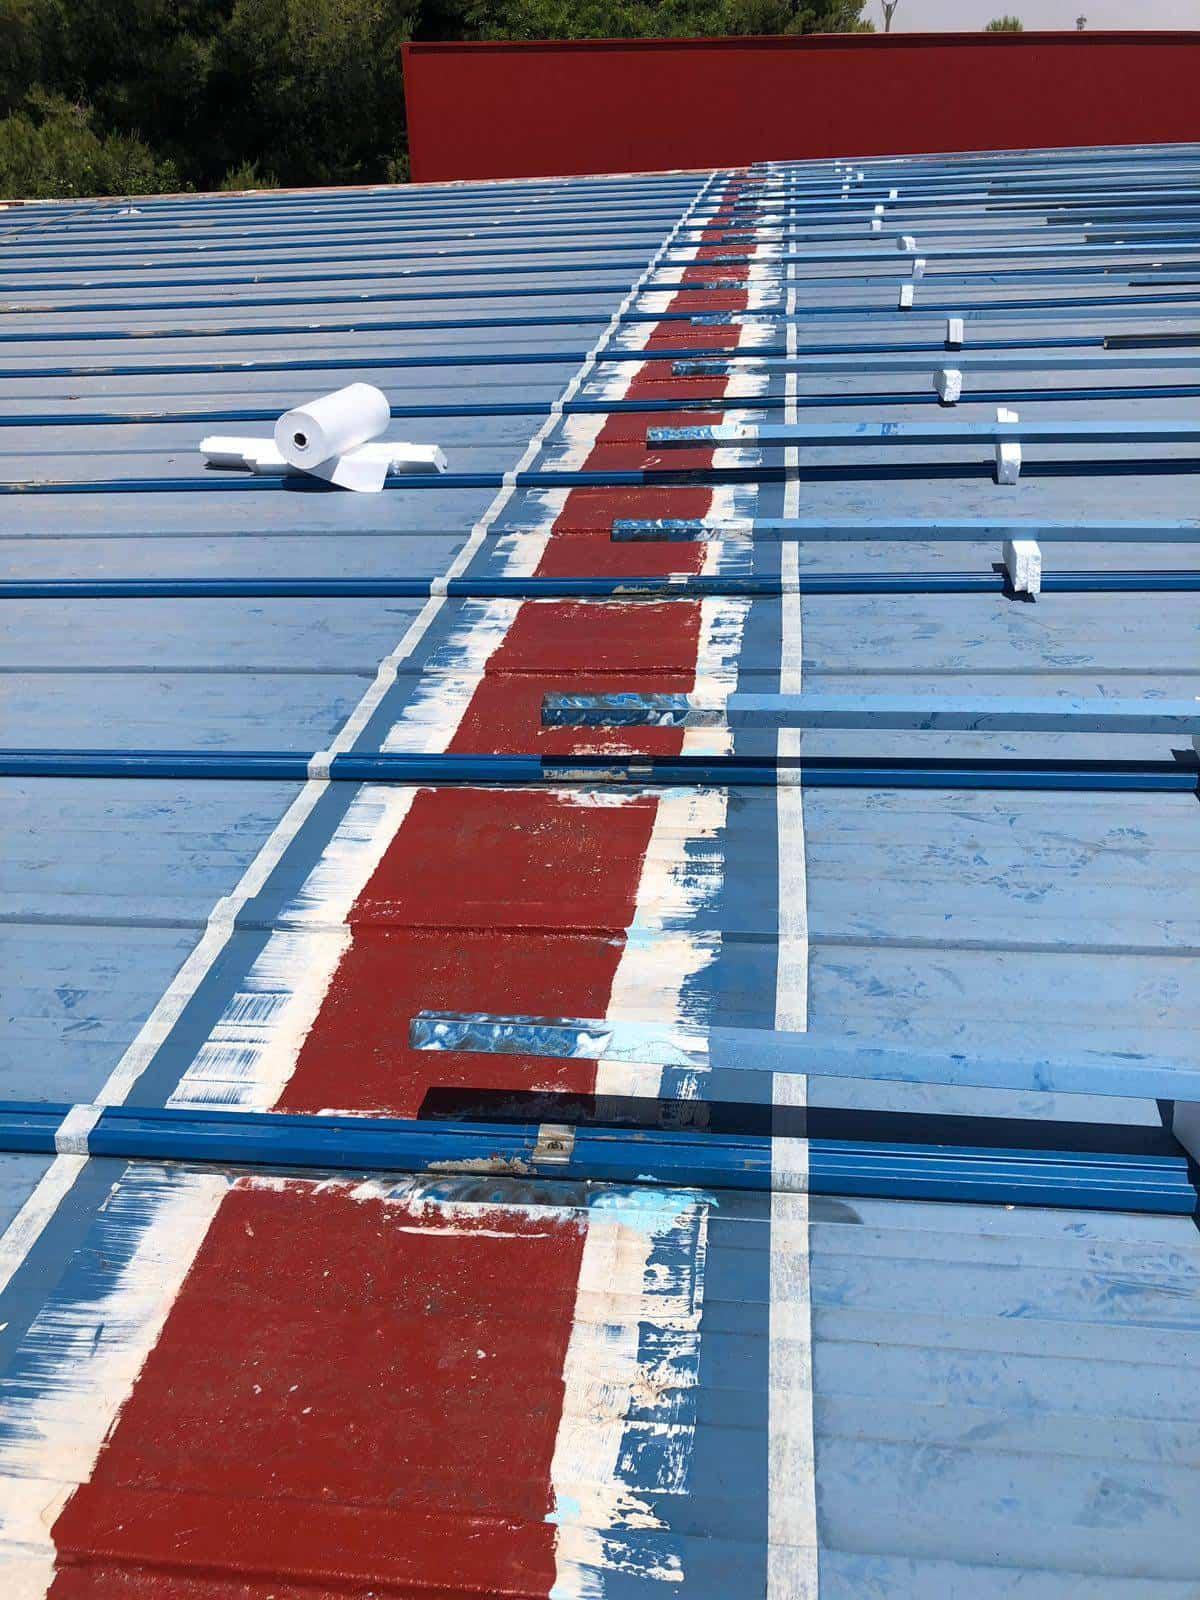 cubierta pabellon municipal herencia 2 - Impermeabilización de la cubierta del Pabellón Municipal de Herencia